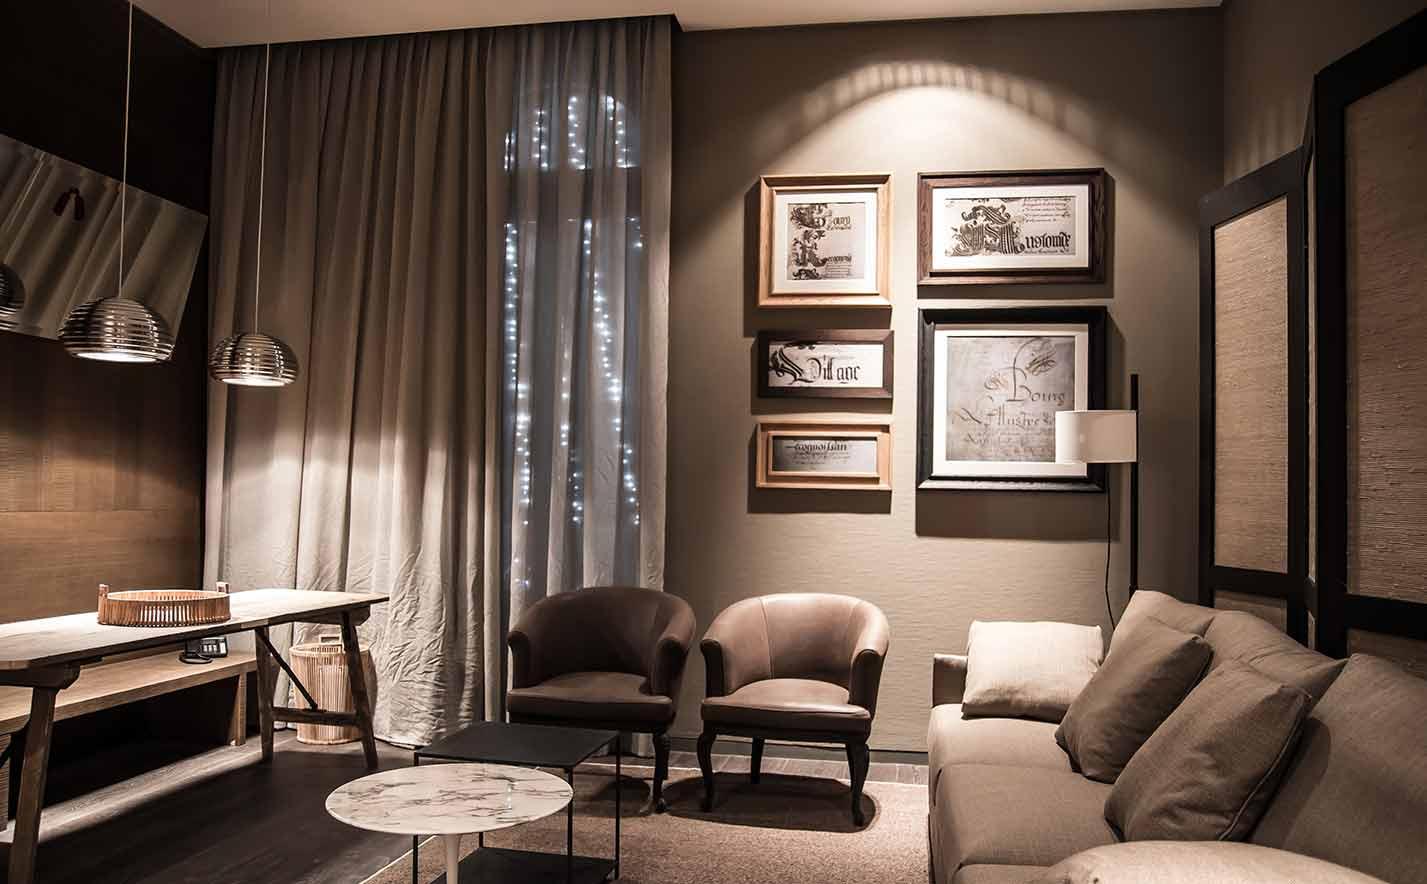 Wing apartment Saint-Vincent